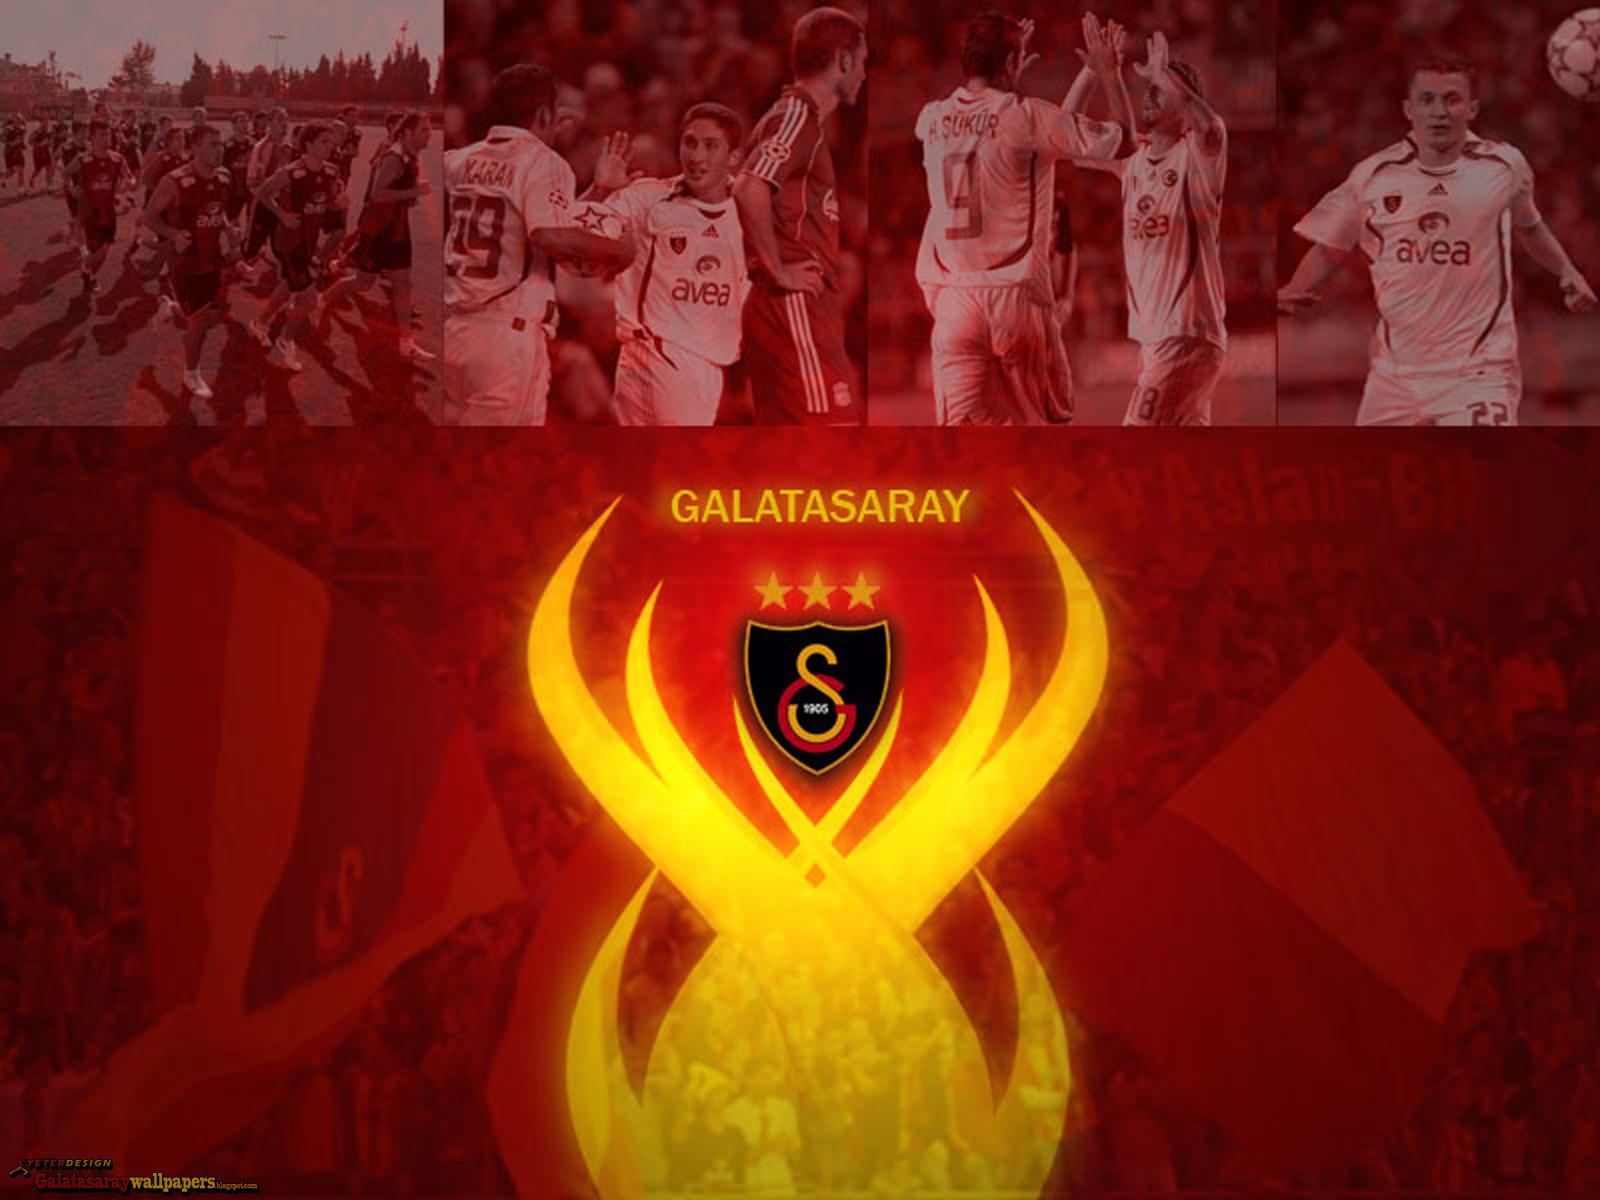 Galatasaray+2006 2007+1 En güzel Galatasaray masaüstü hd resimleri